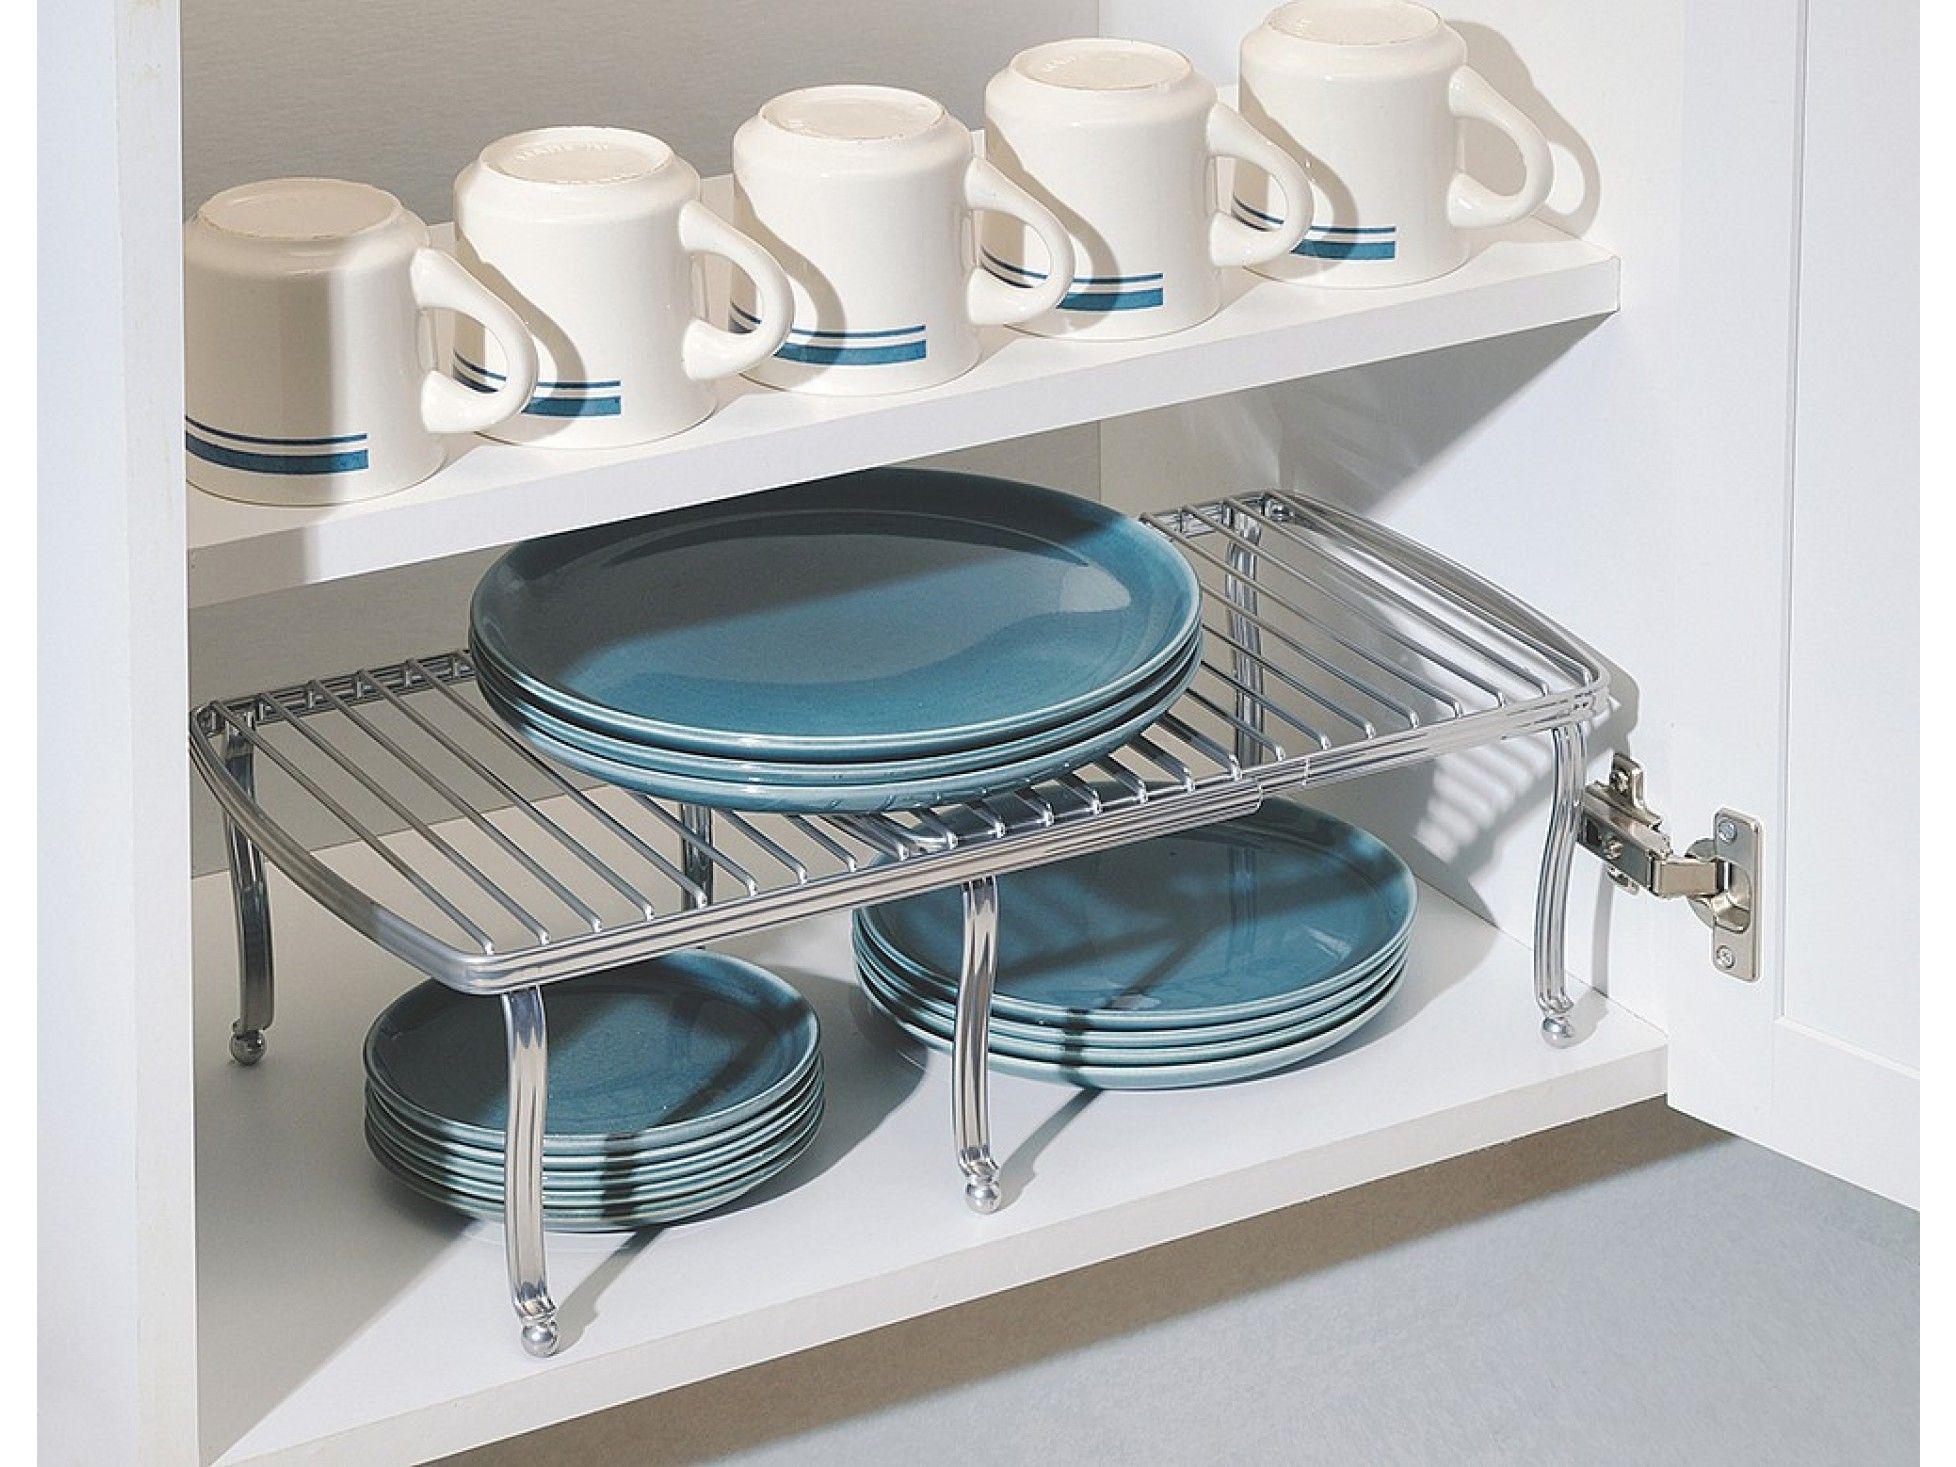 InterDesign Expandable Kitchen Shelf | Kitchen shelves, Shelves and ...